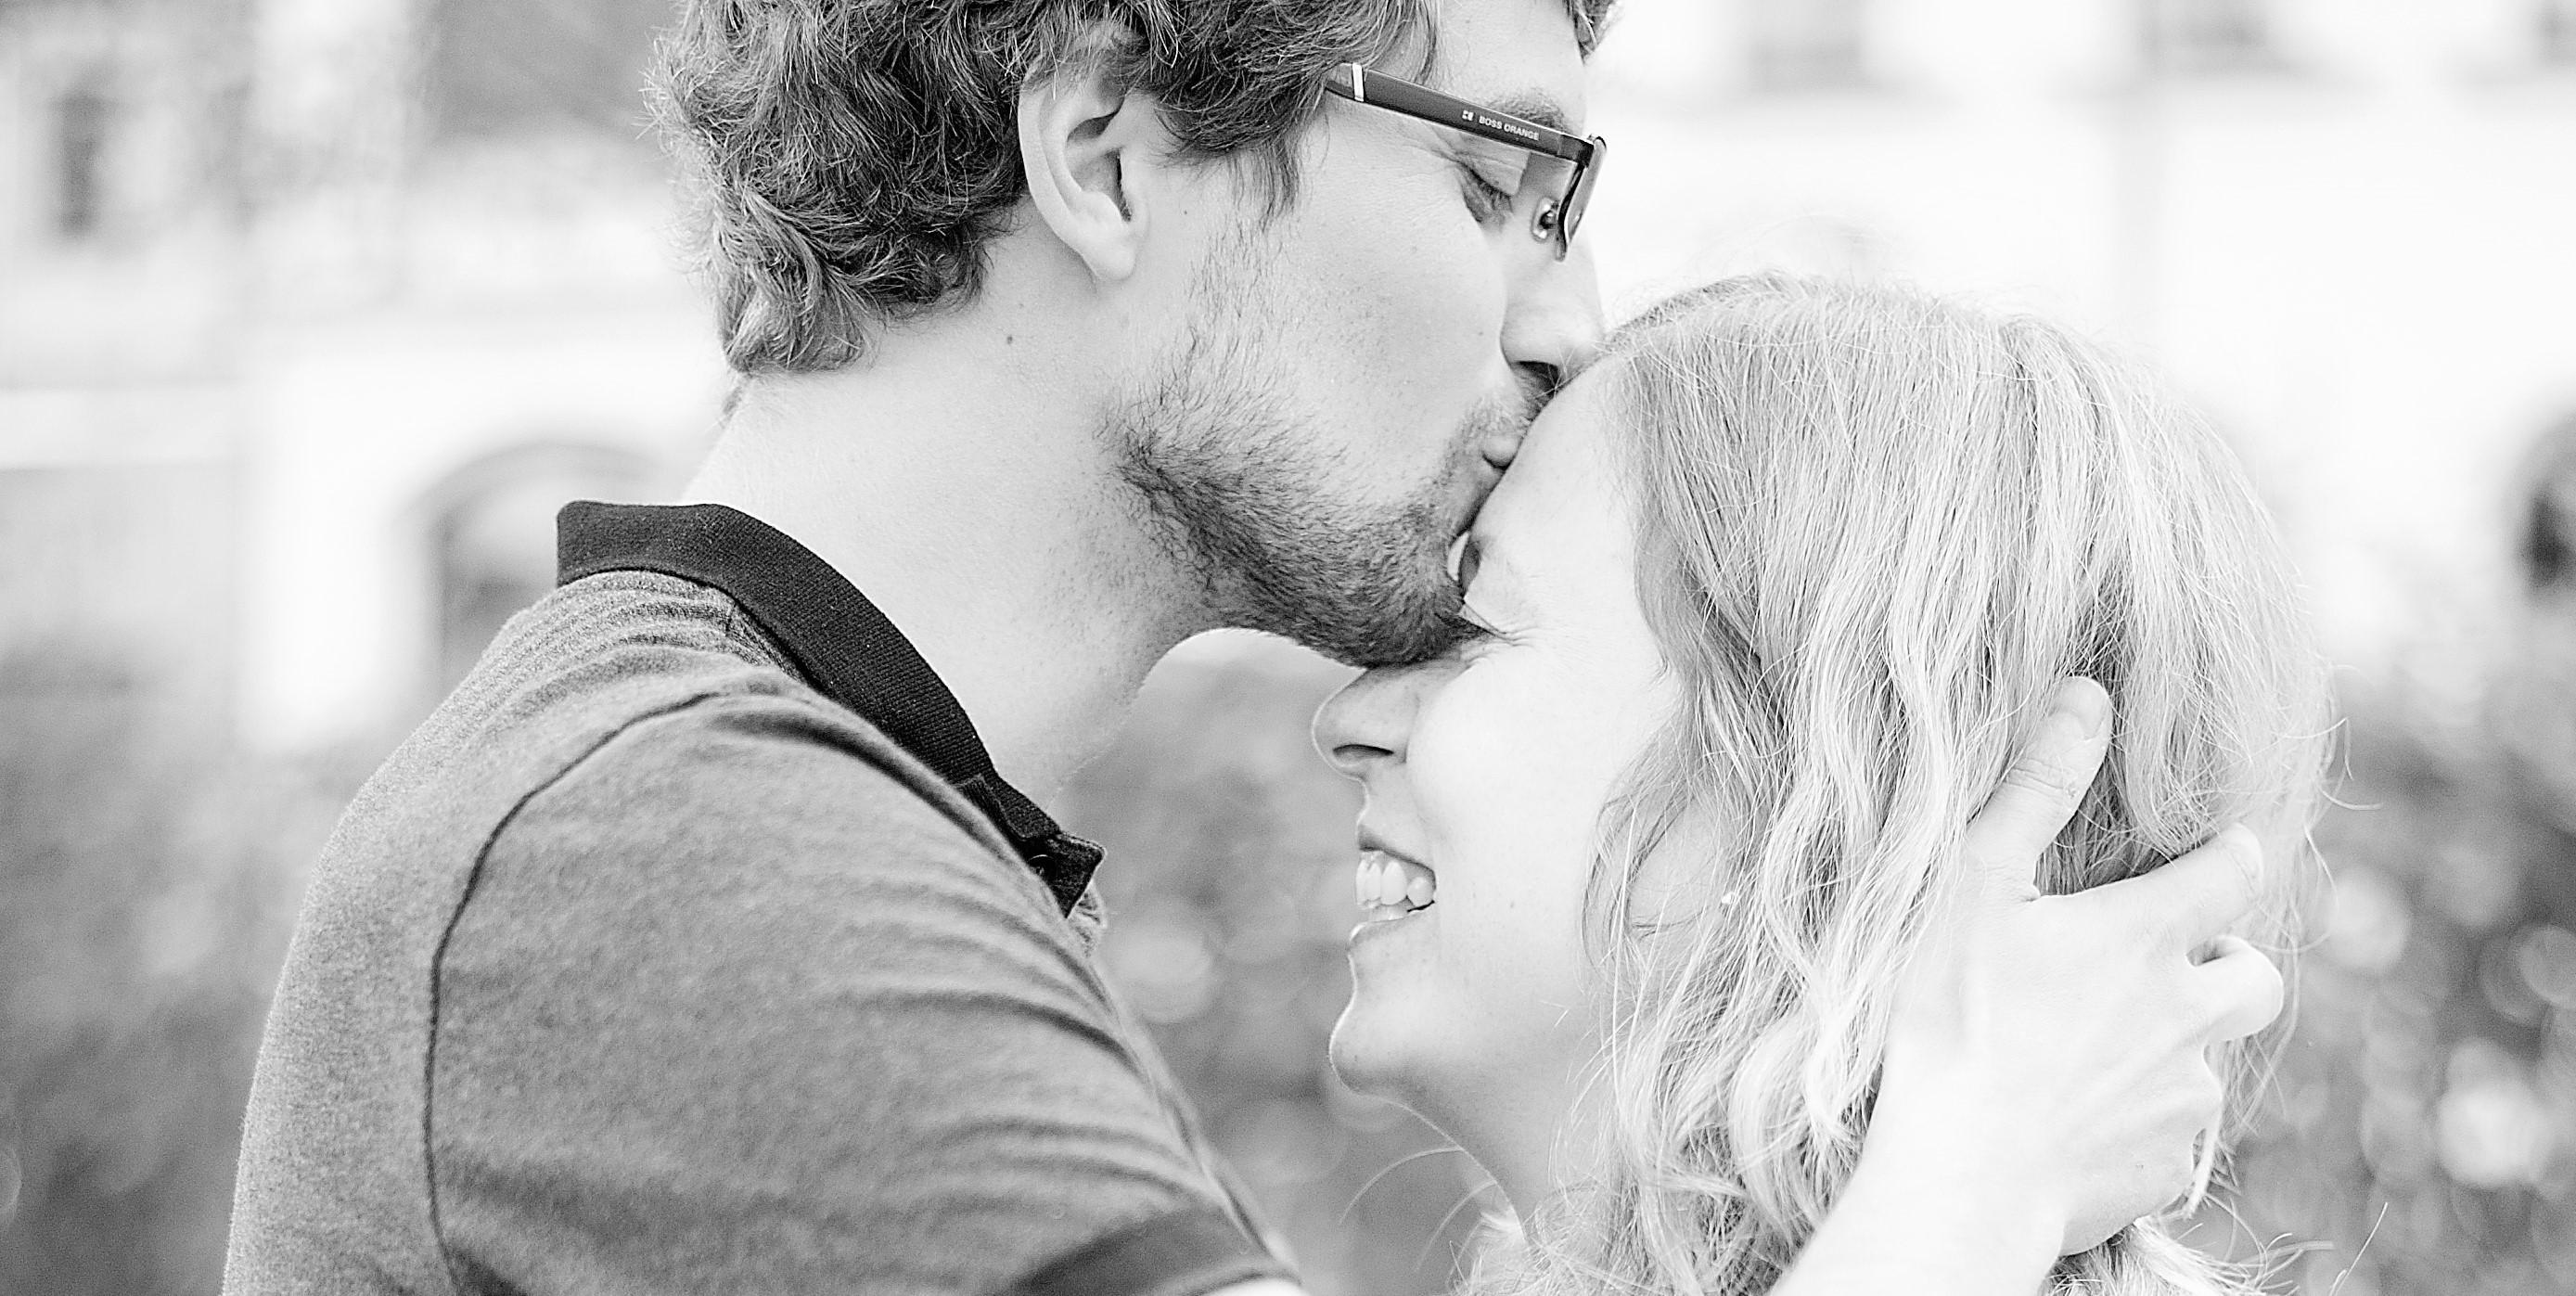 Kuss auf die Stirn